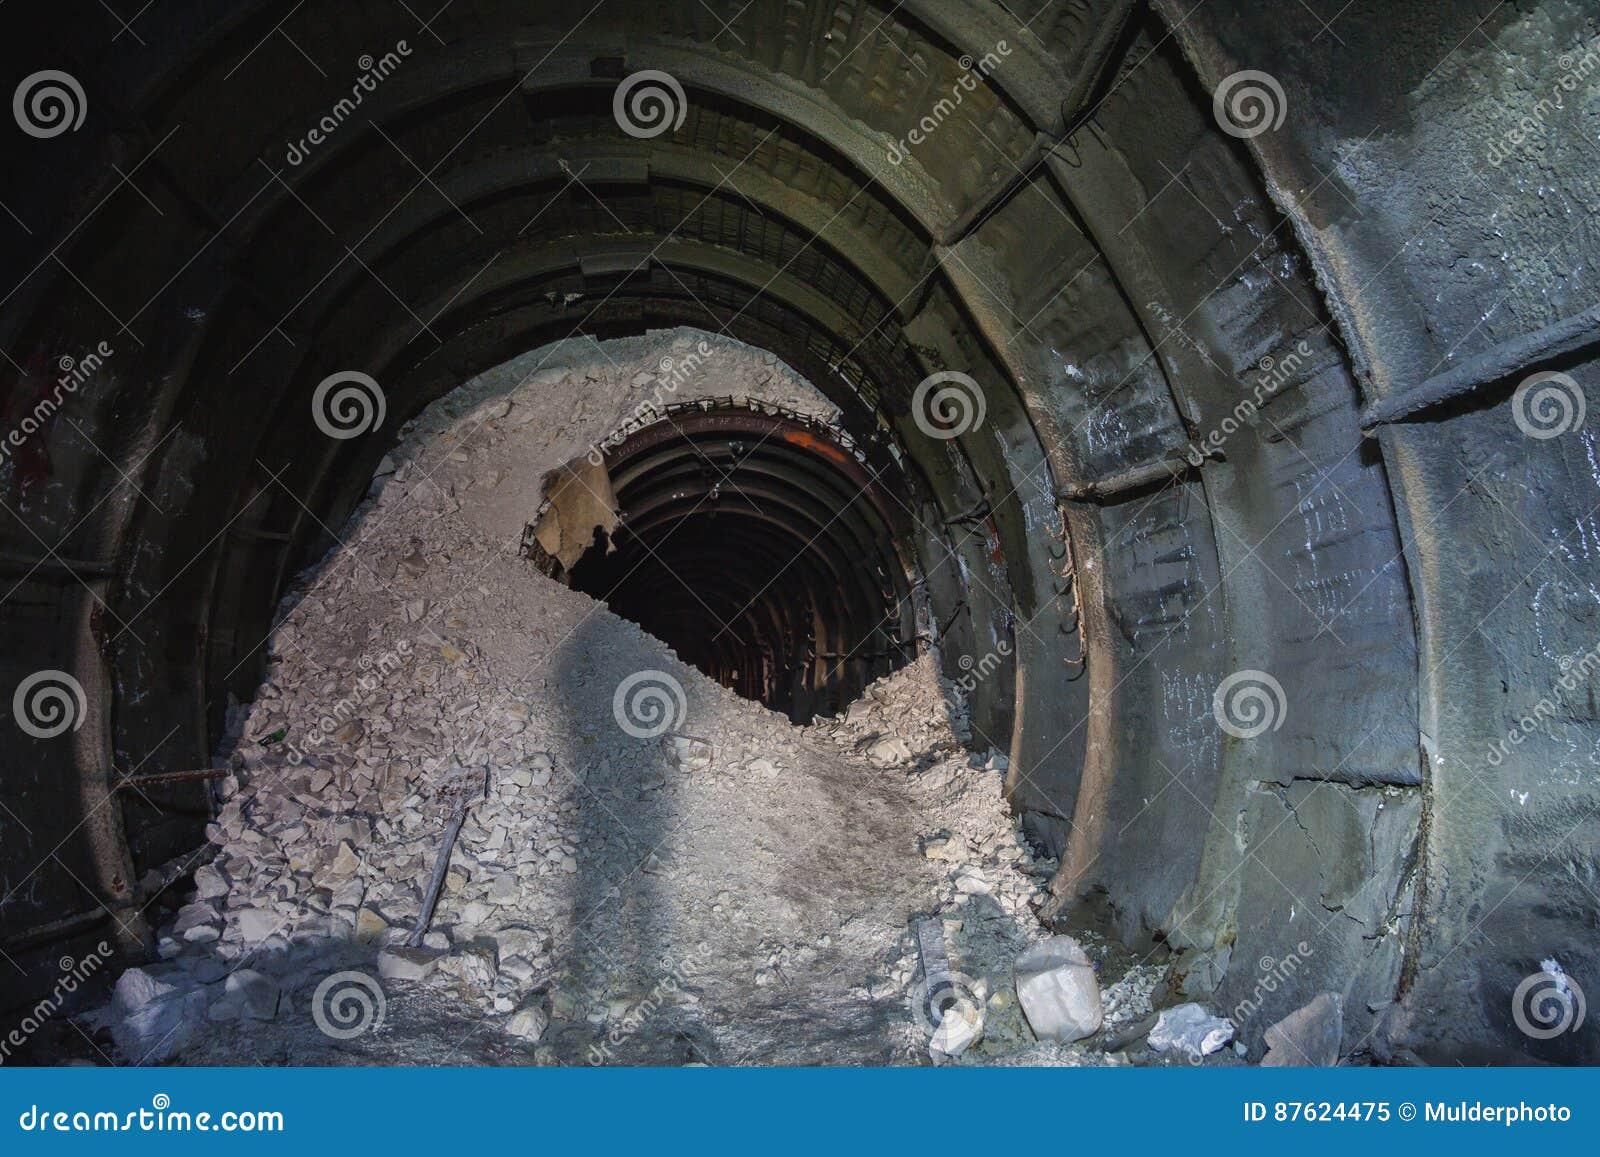 Der Einsturz im Kreidebergwerk, Tunnel mit Spuren der Bohrmaschine